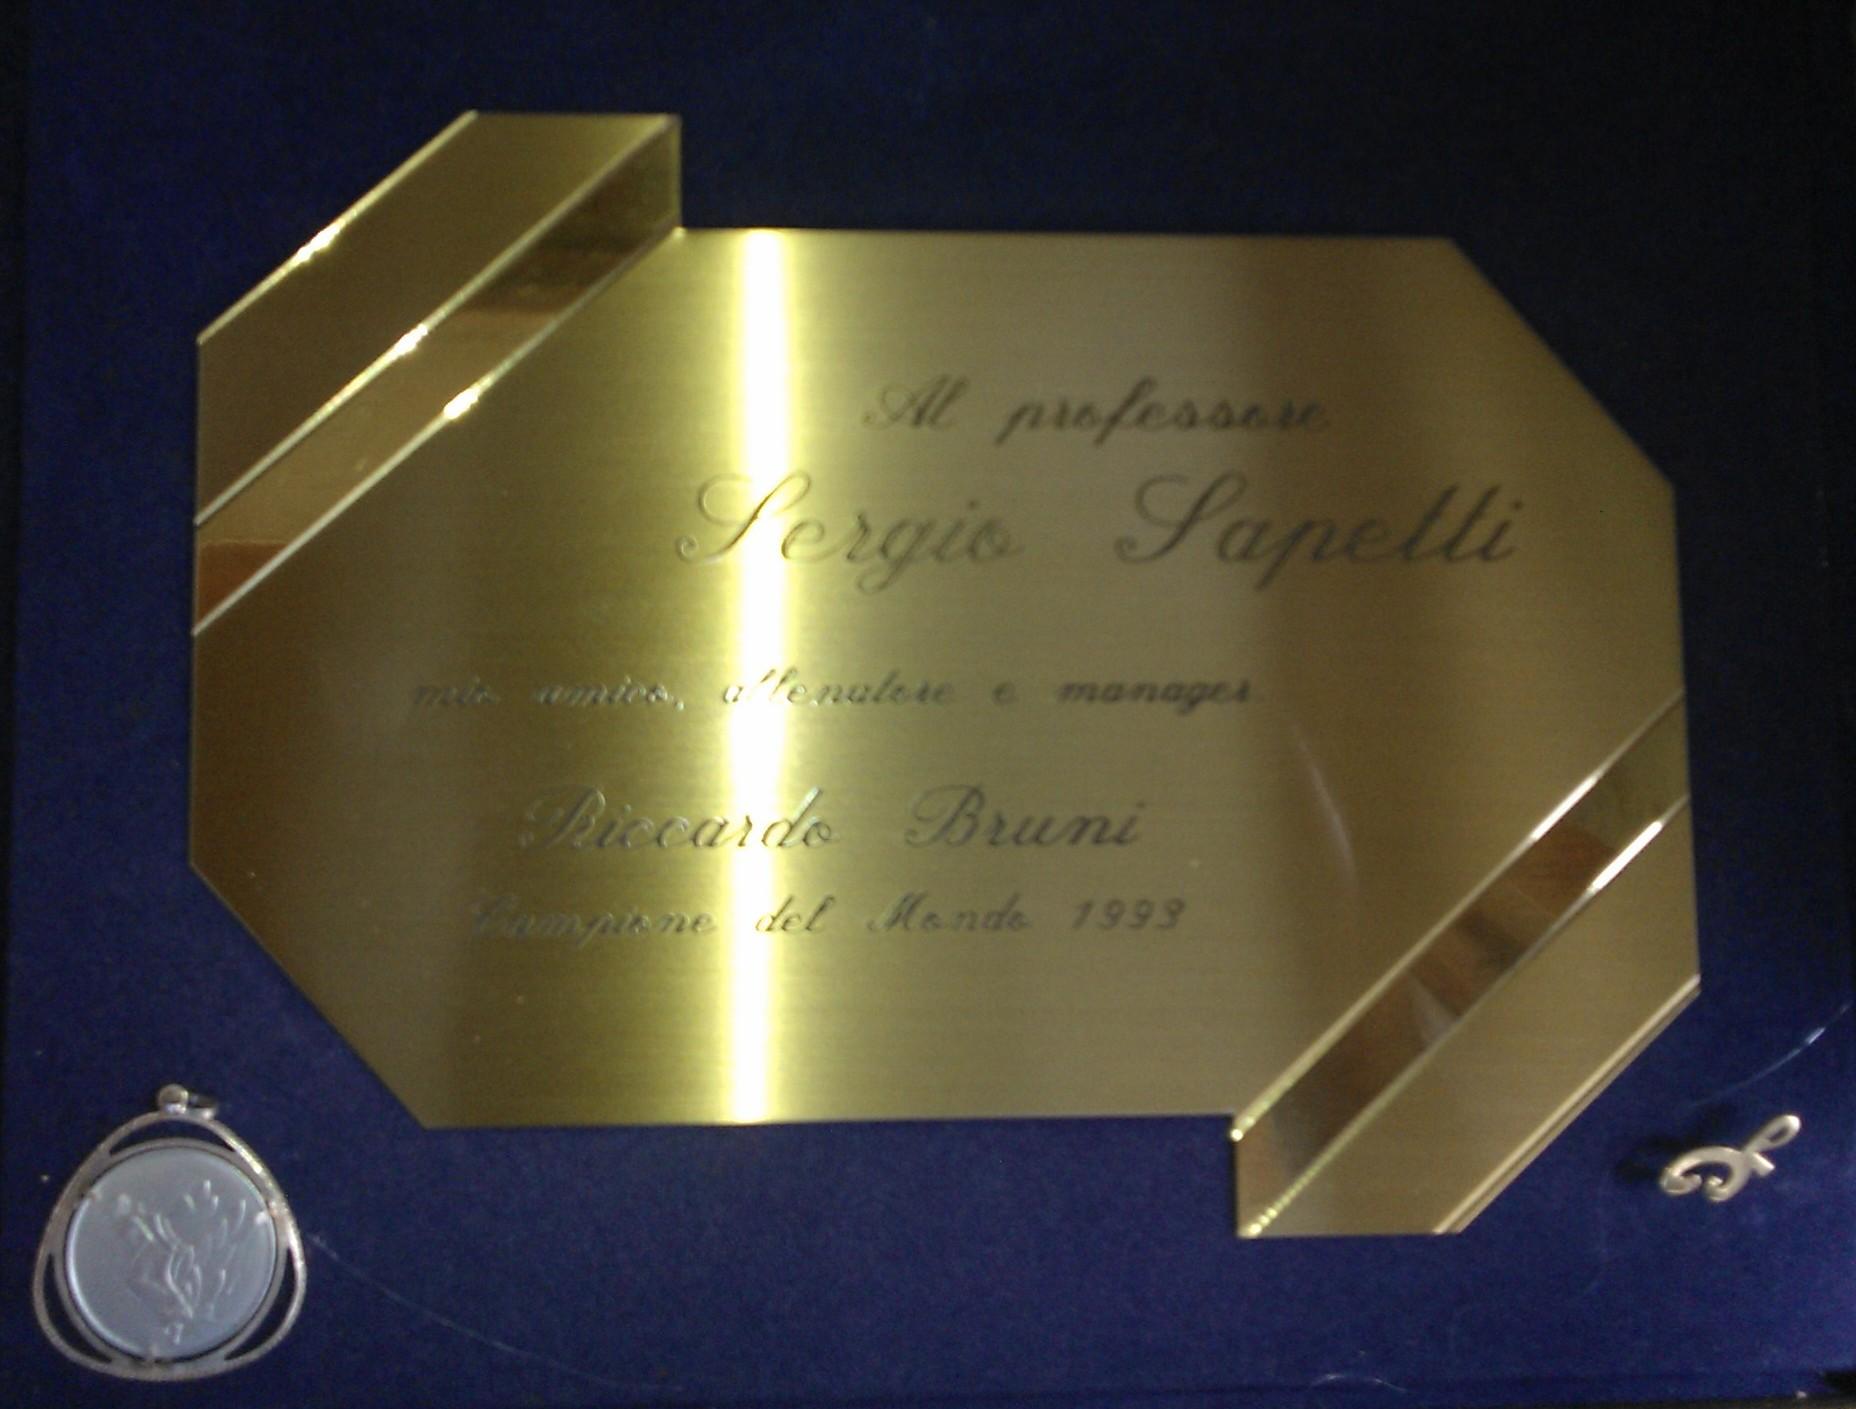 Targa di ringraziamento per la vittoria al Campionato Mondiale di Stenografia 1993